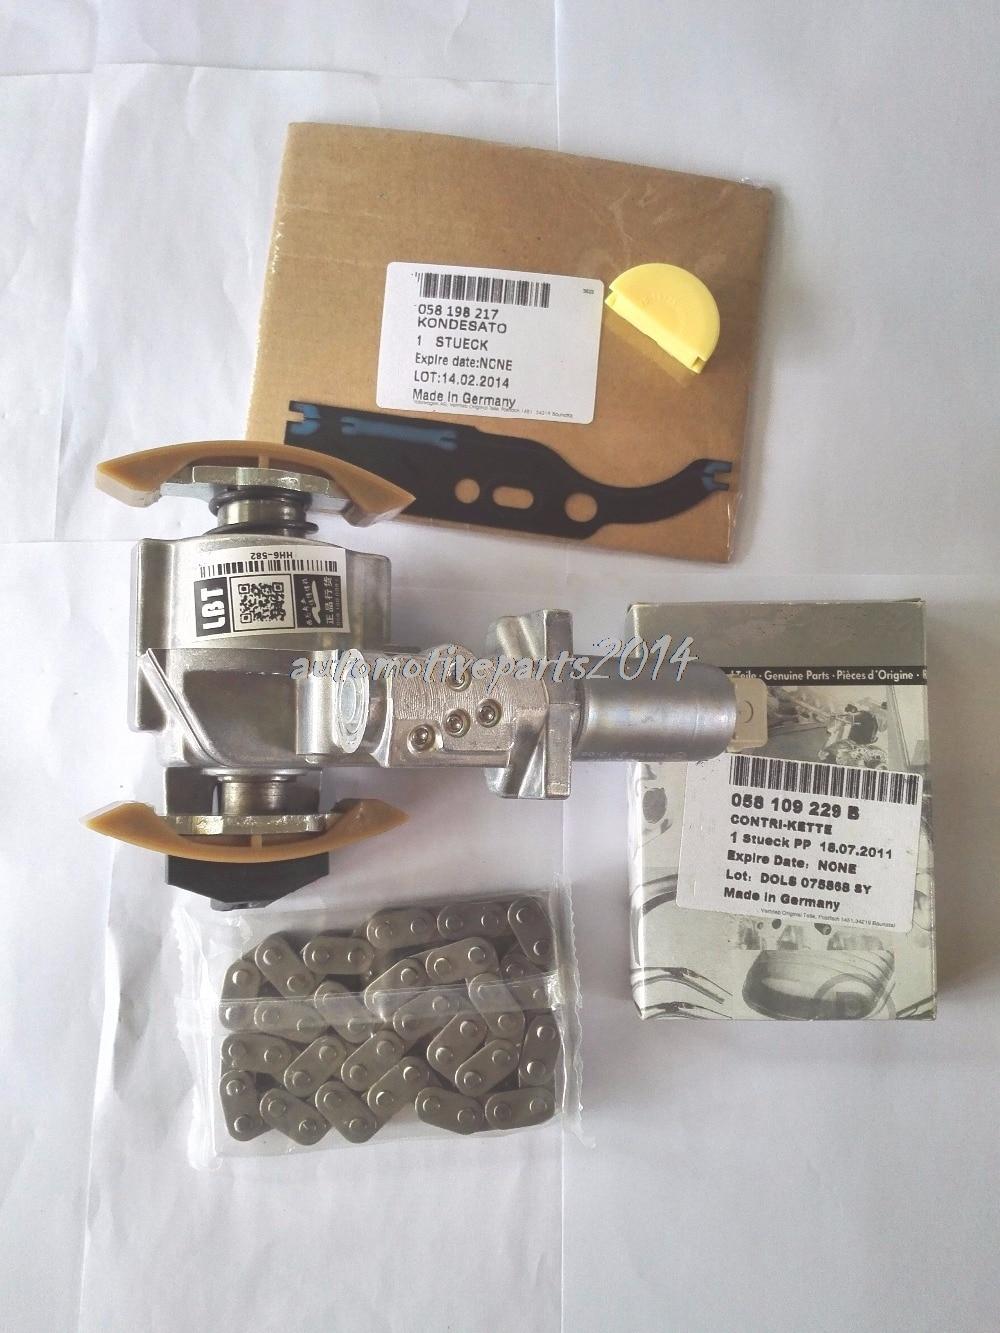 NOUVEAU 1 Set Véritable Arbre À Cames Tendeur de Chaîne De distribution Kit Pour VW Jetta Golf Passat Beetle 1.8 1.8 T 058109088 K 058109088L 058109088